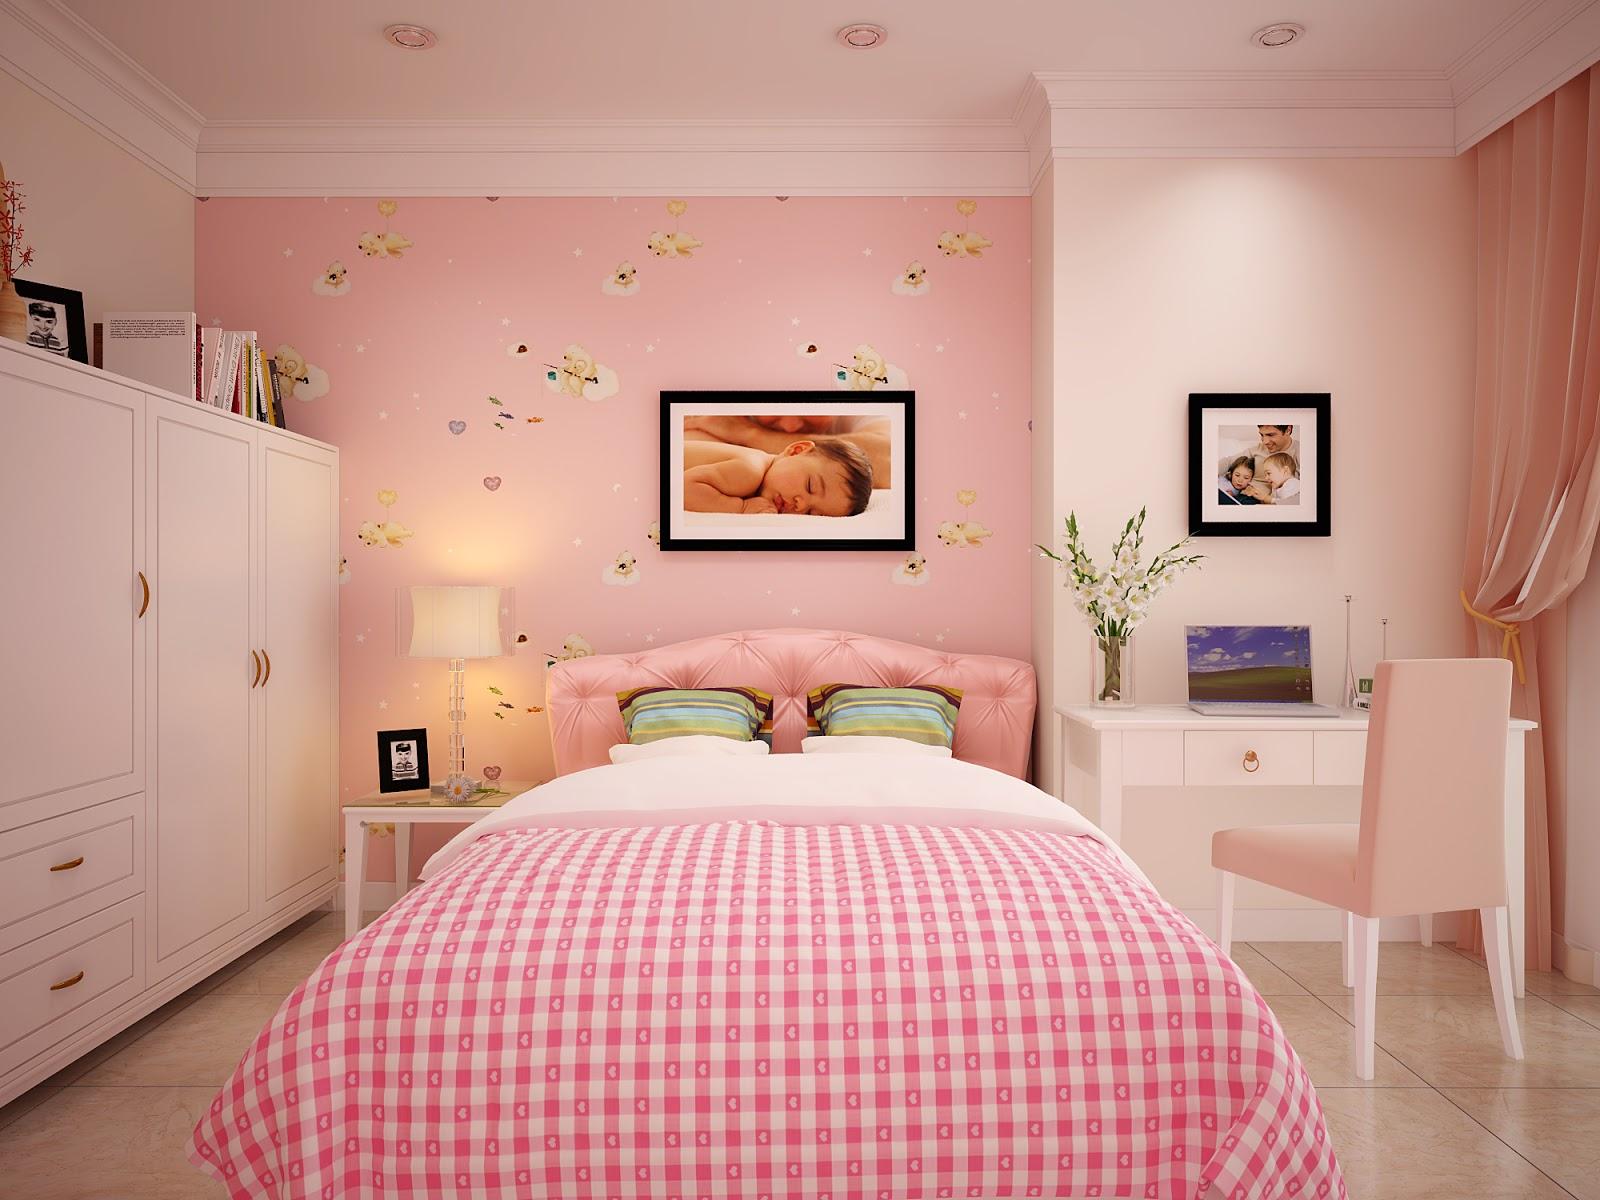 Sắc hồng kẹo ngọt luôn khiến các cô nàng thích mê. Phòng ngủ sử dụng nội thất may đo vừa vặn hoàn toàn với diện tích phòng.